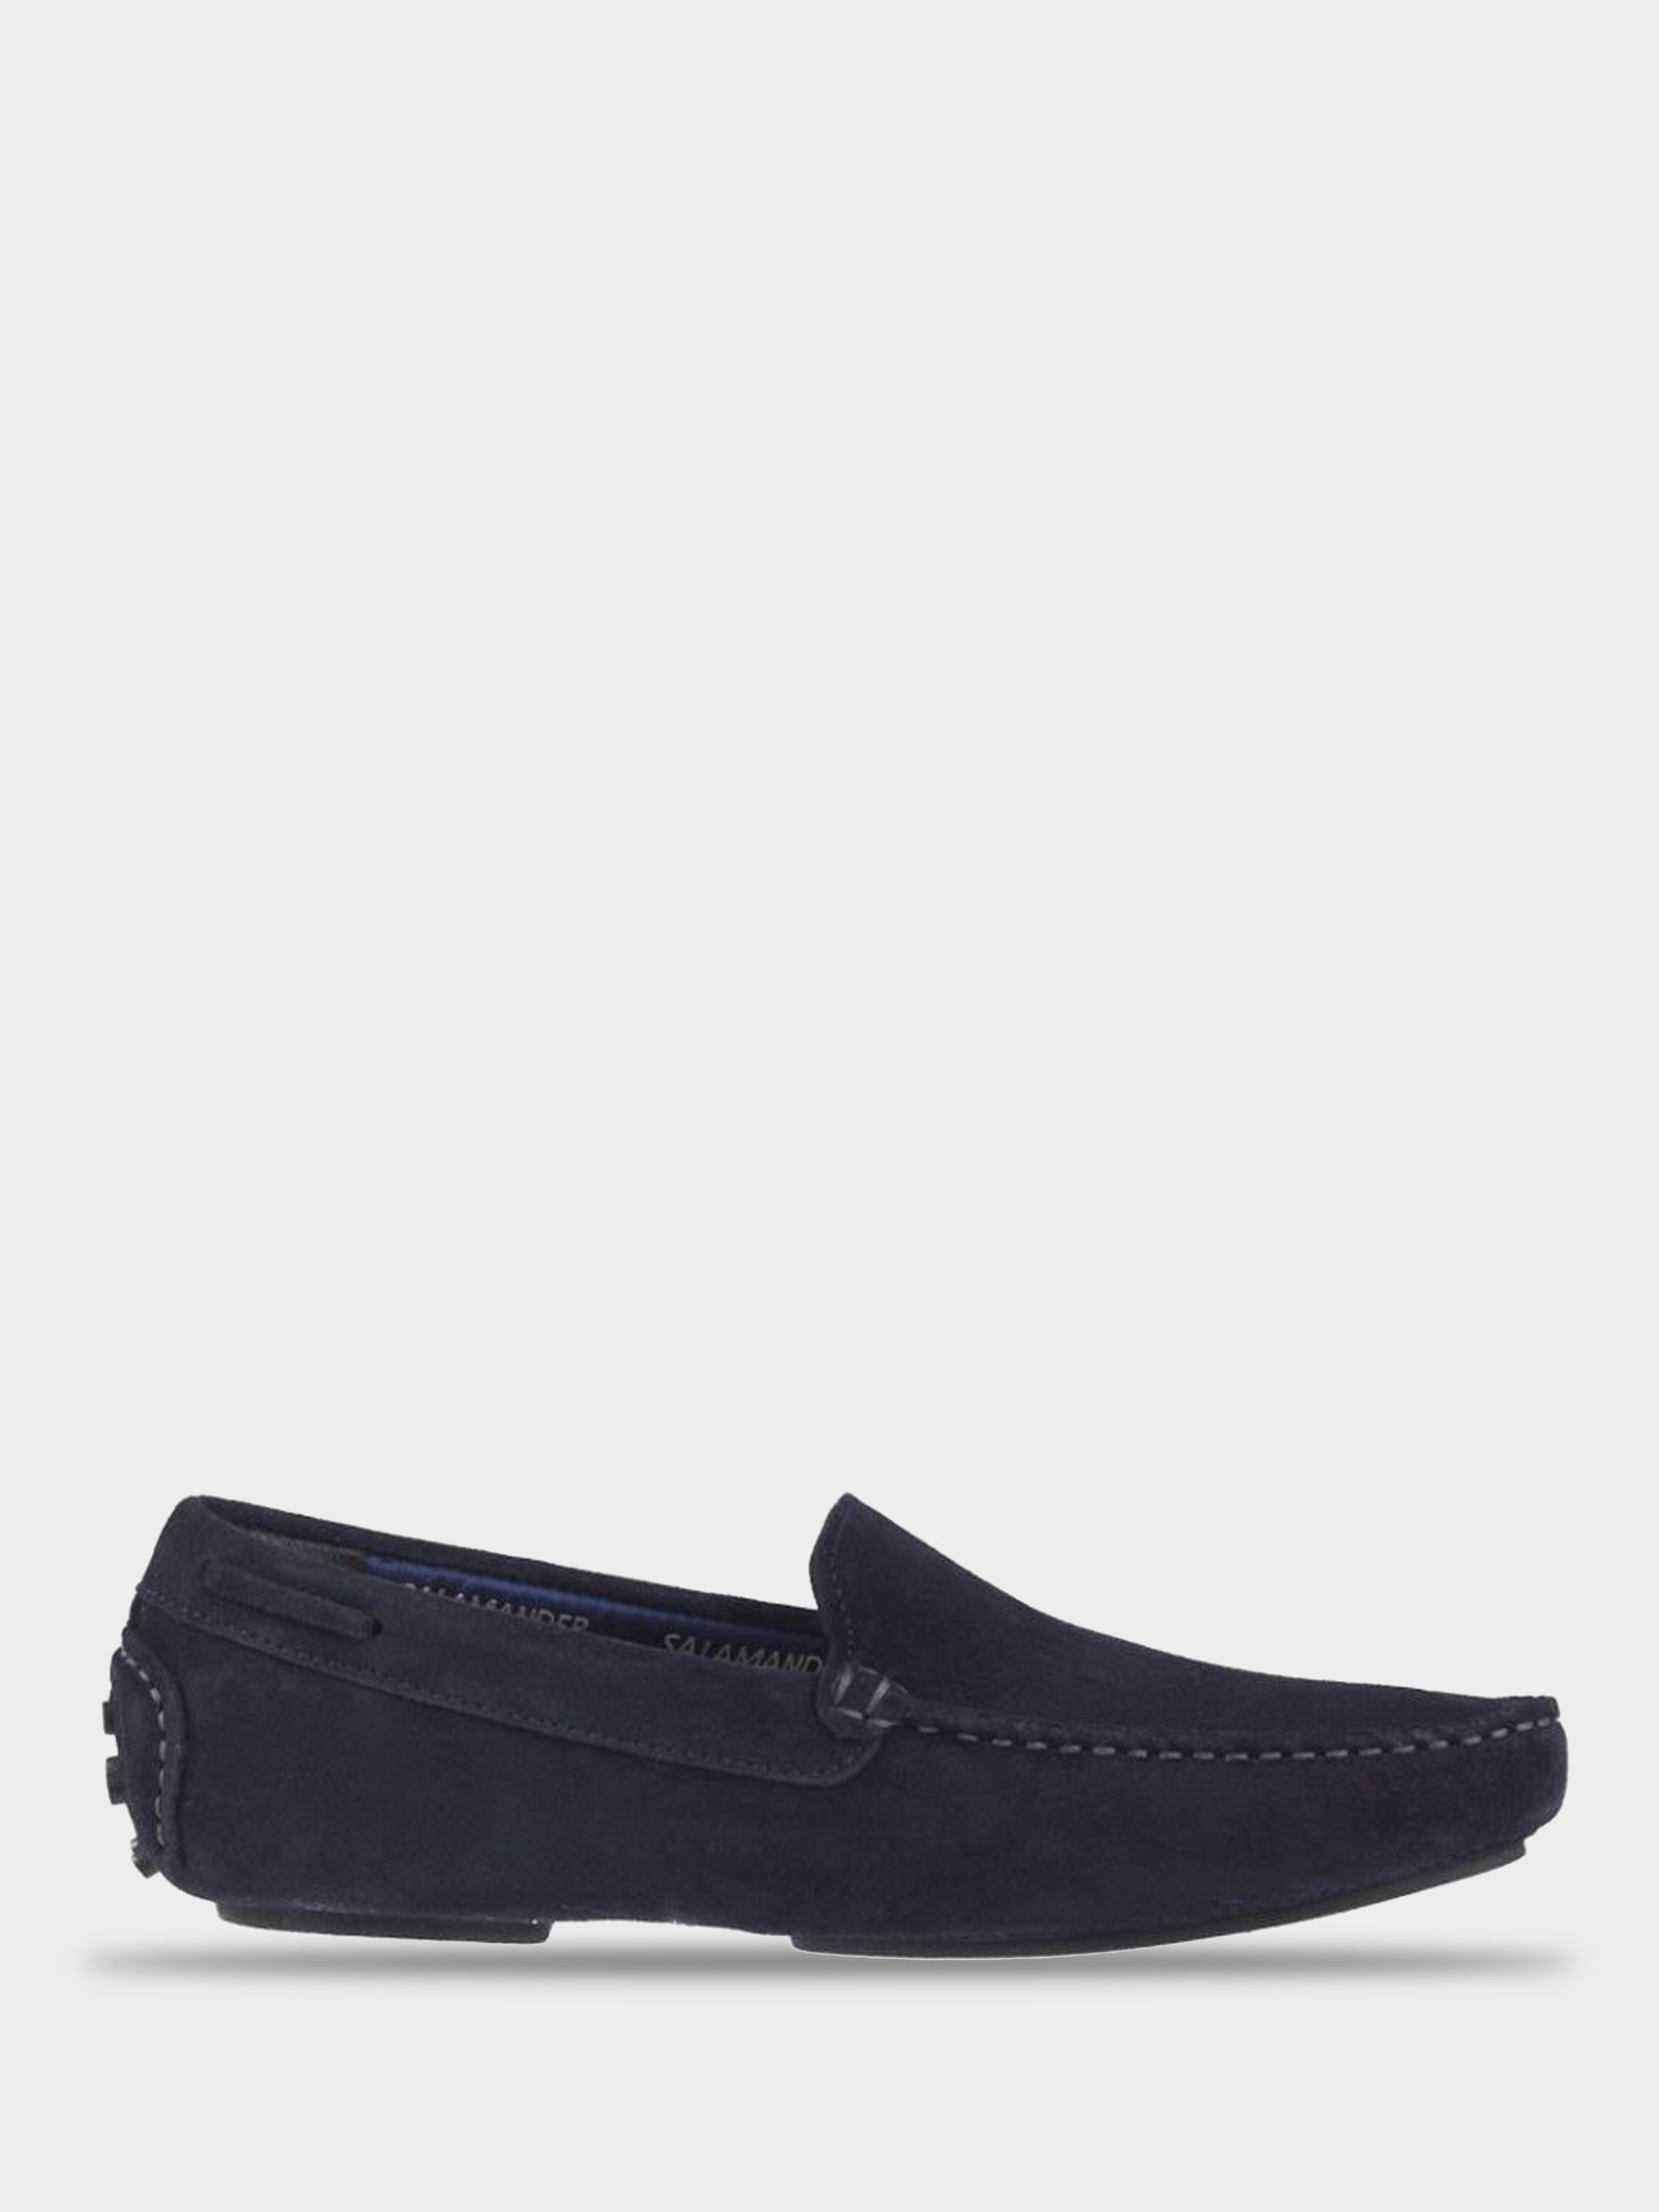 Полуботинки для мужчин Salamander 3O33 модная обувь, 2017